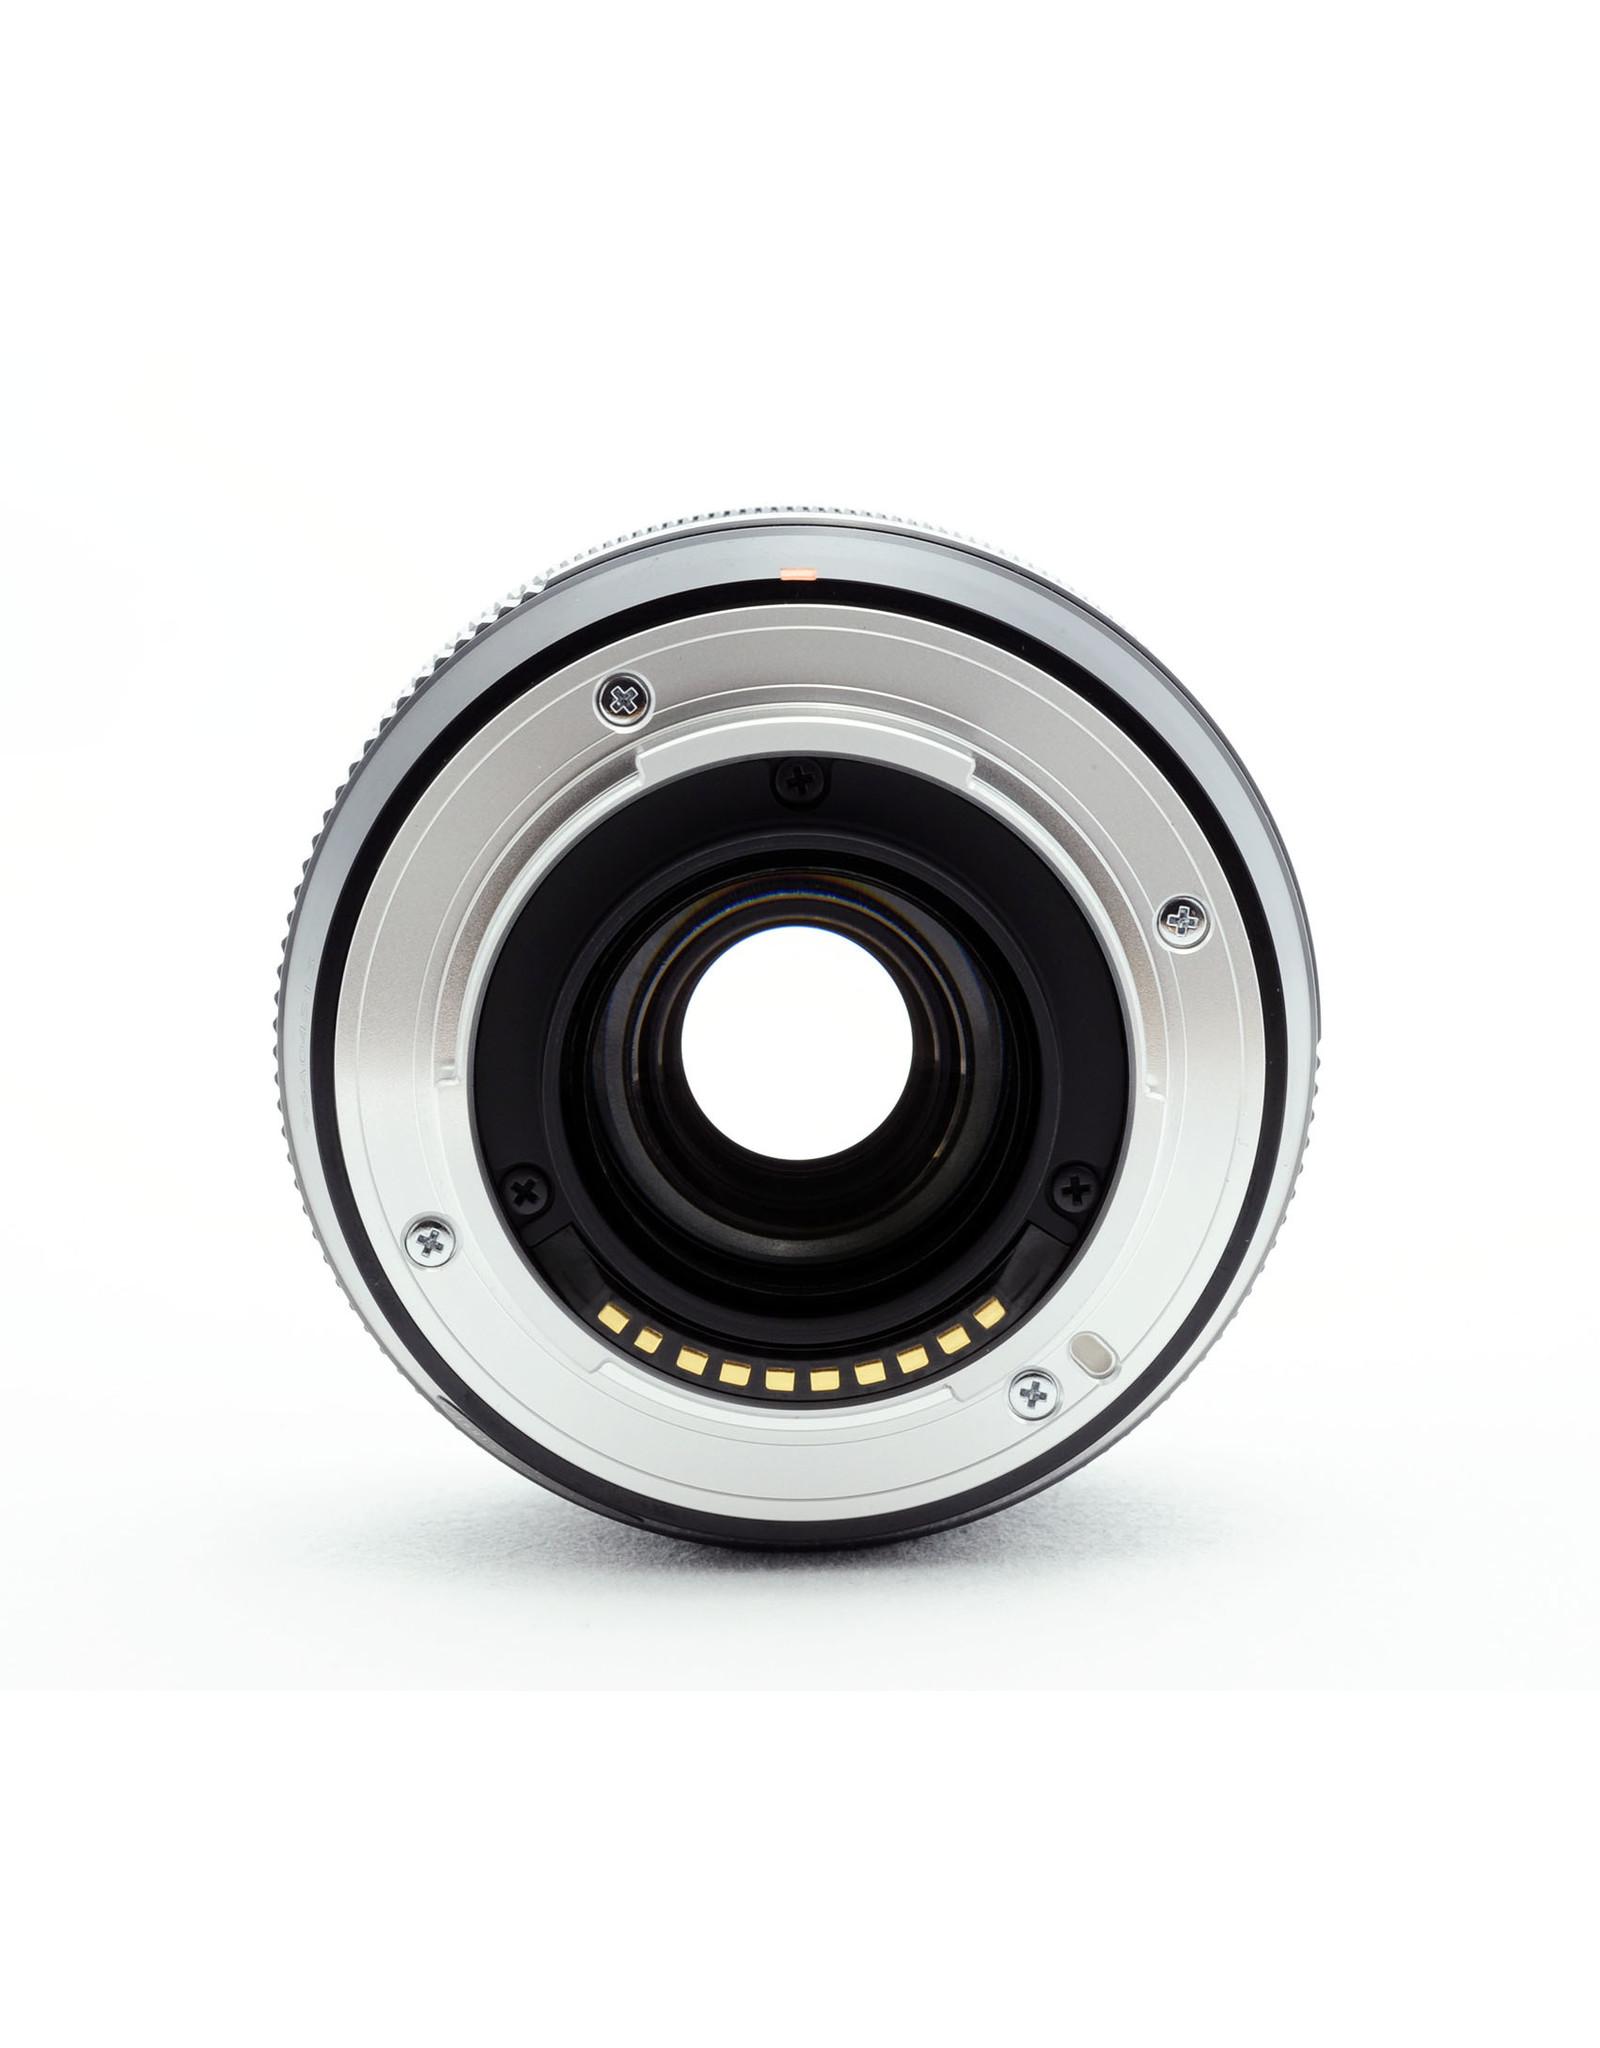 Fujifilm Fuji XF18mm f2 R Black   16240743